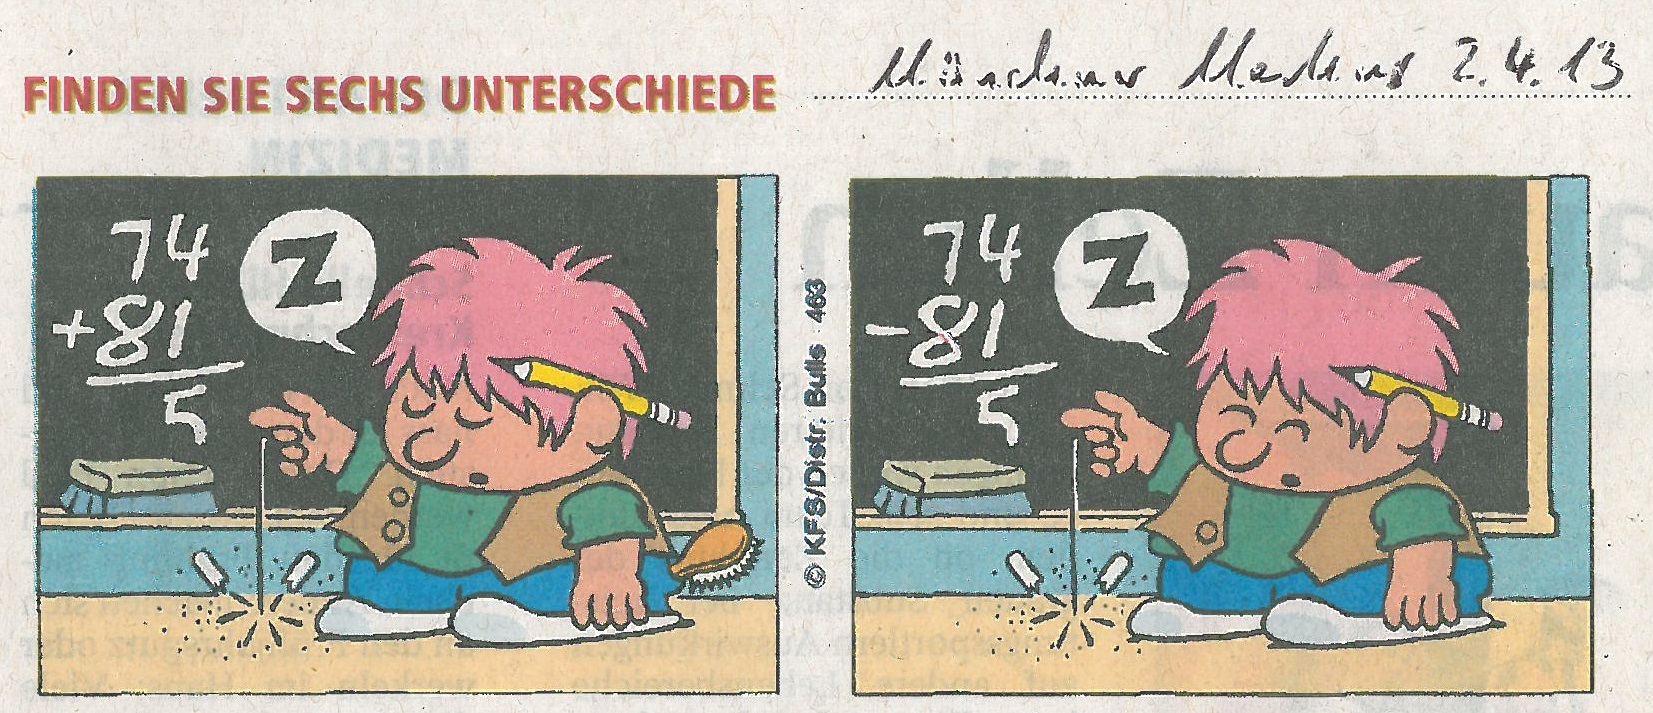 Beim Rechnen eingeschlafen - Münchner Merkur 2. April 2013